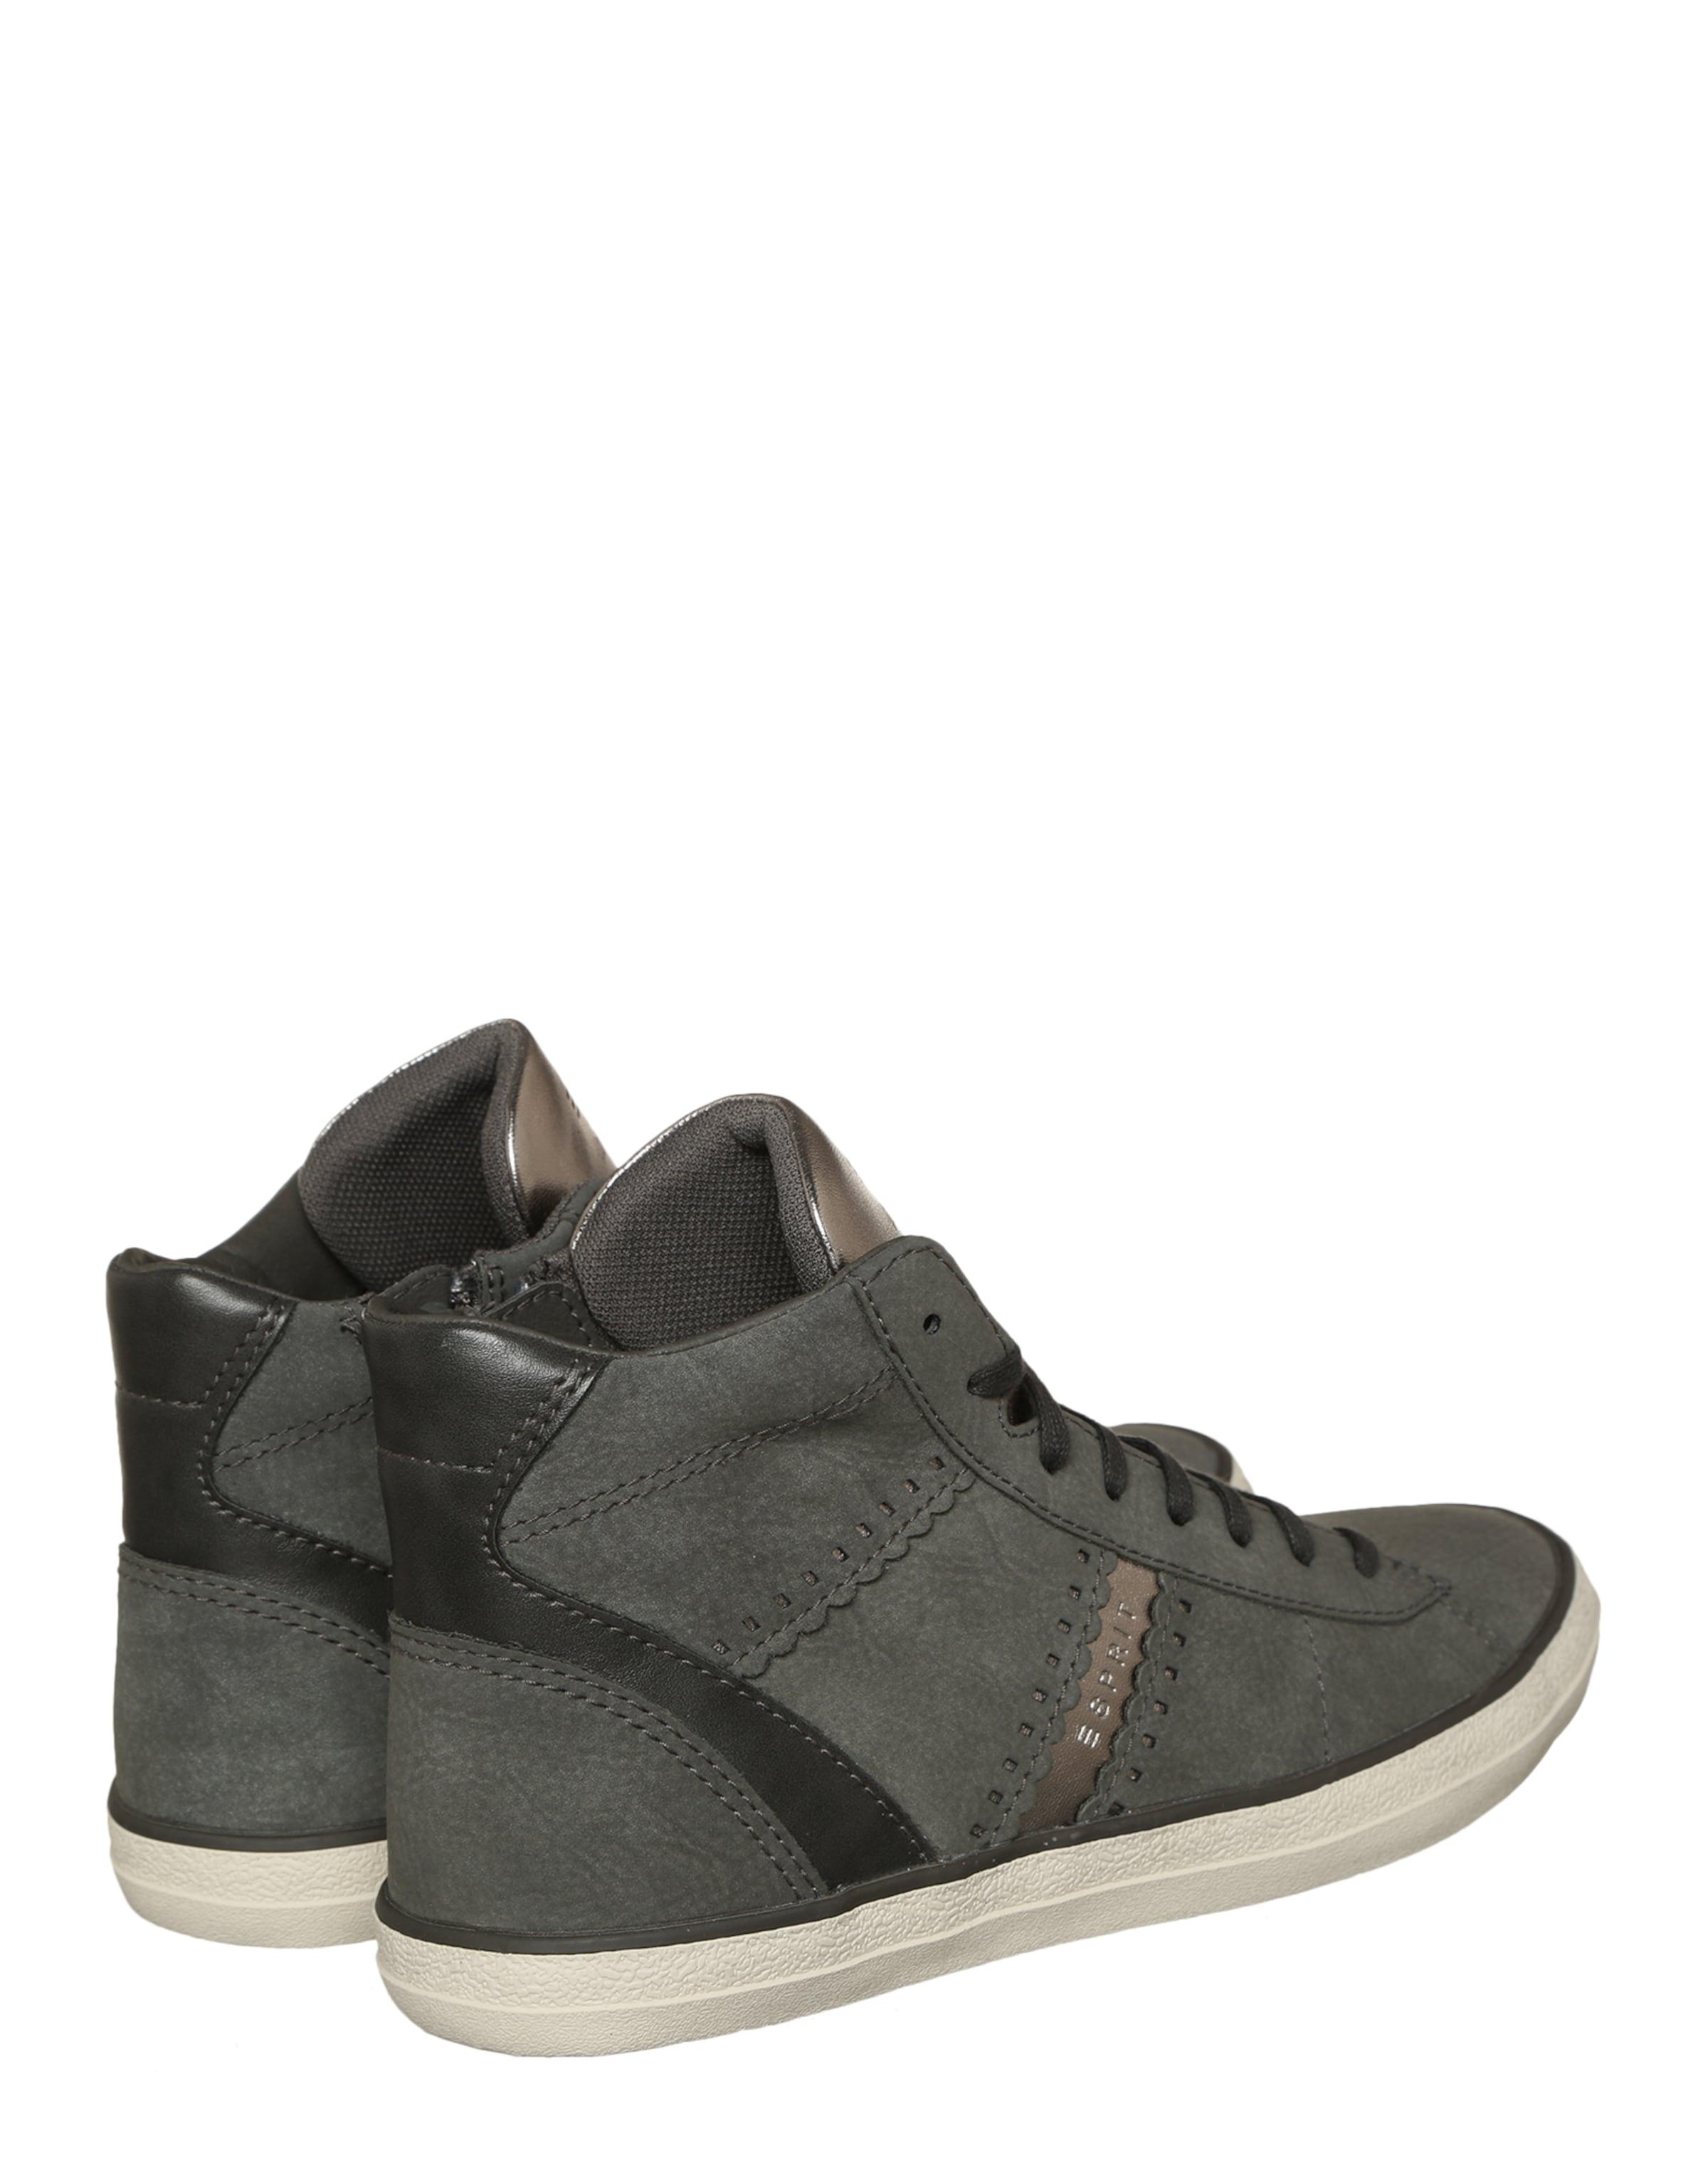 ESPRIT Sneaker High 'Miana' Footlocker Abbildungen Günstig Online Aus Deutschland Rw0BF2p